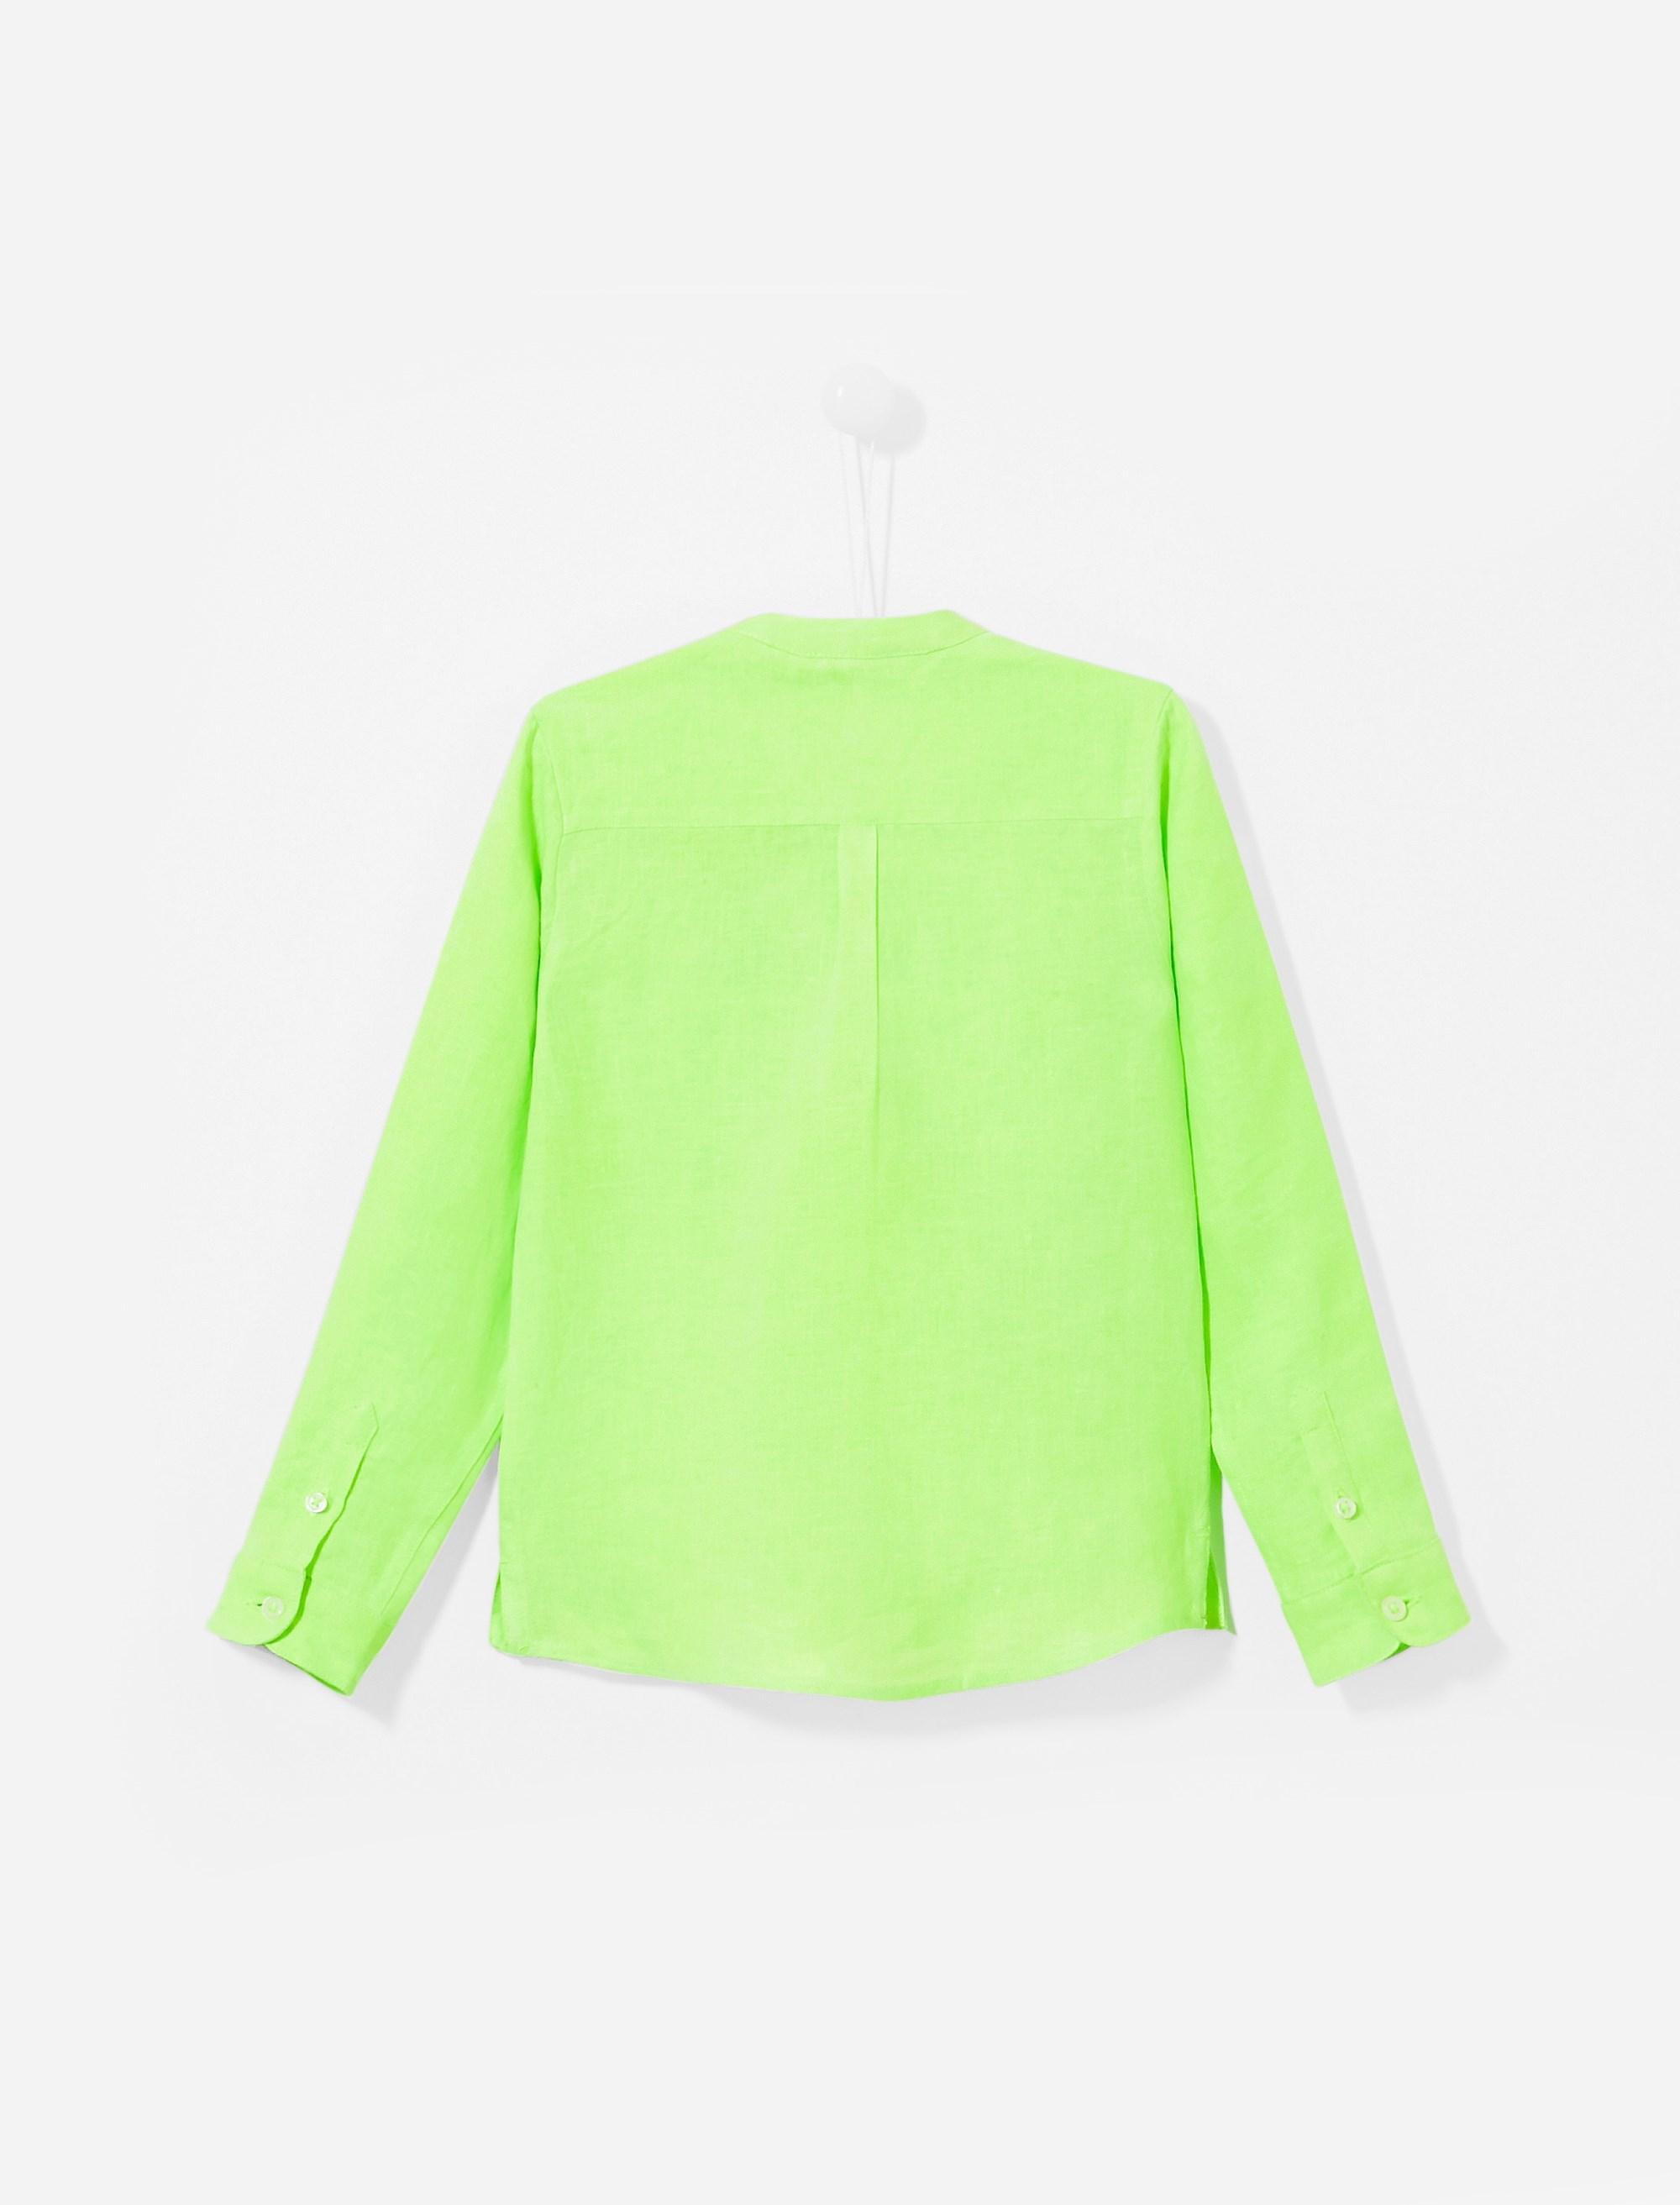 پیراهن کتان آستین بلند پسرانه Eclipsebis - سبز - 2